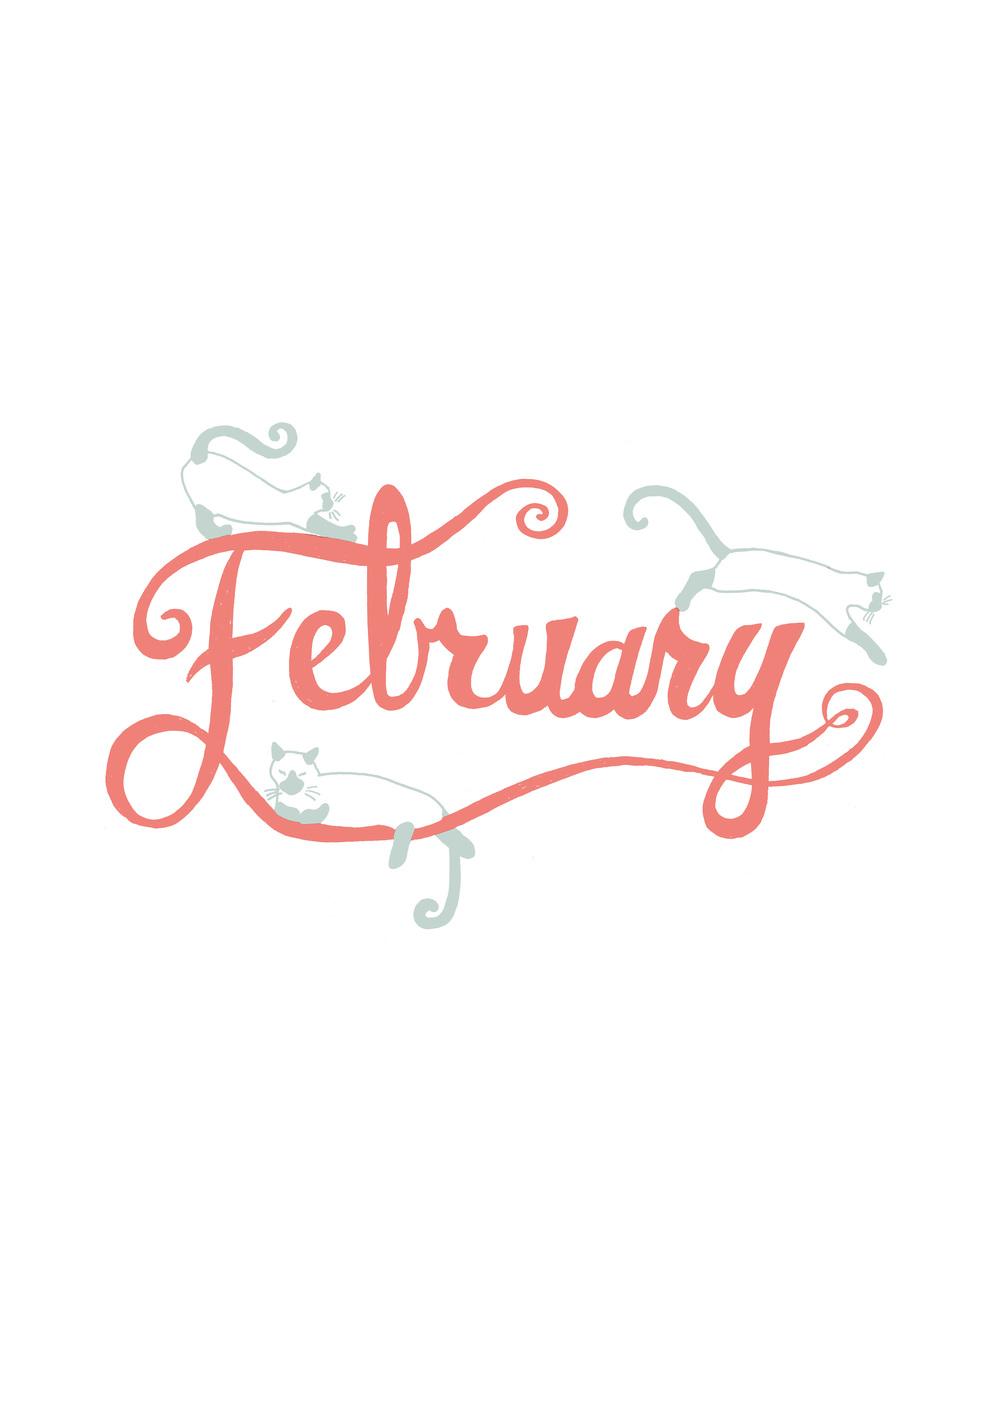 2 February.jpg